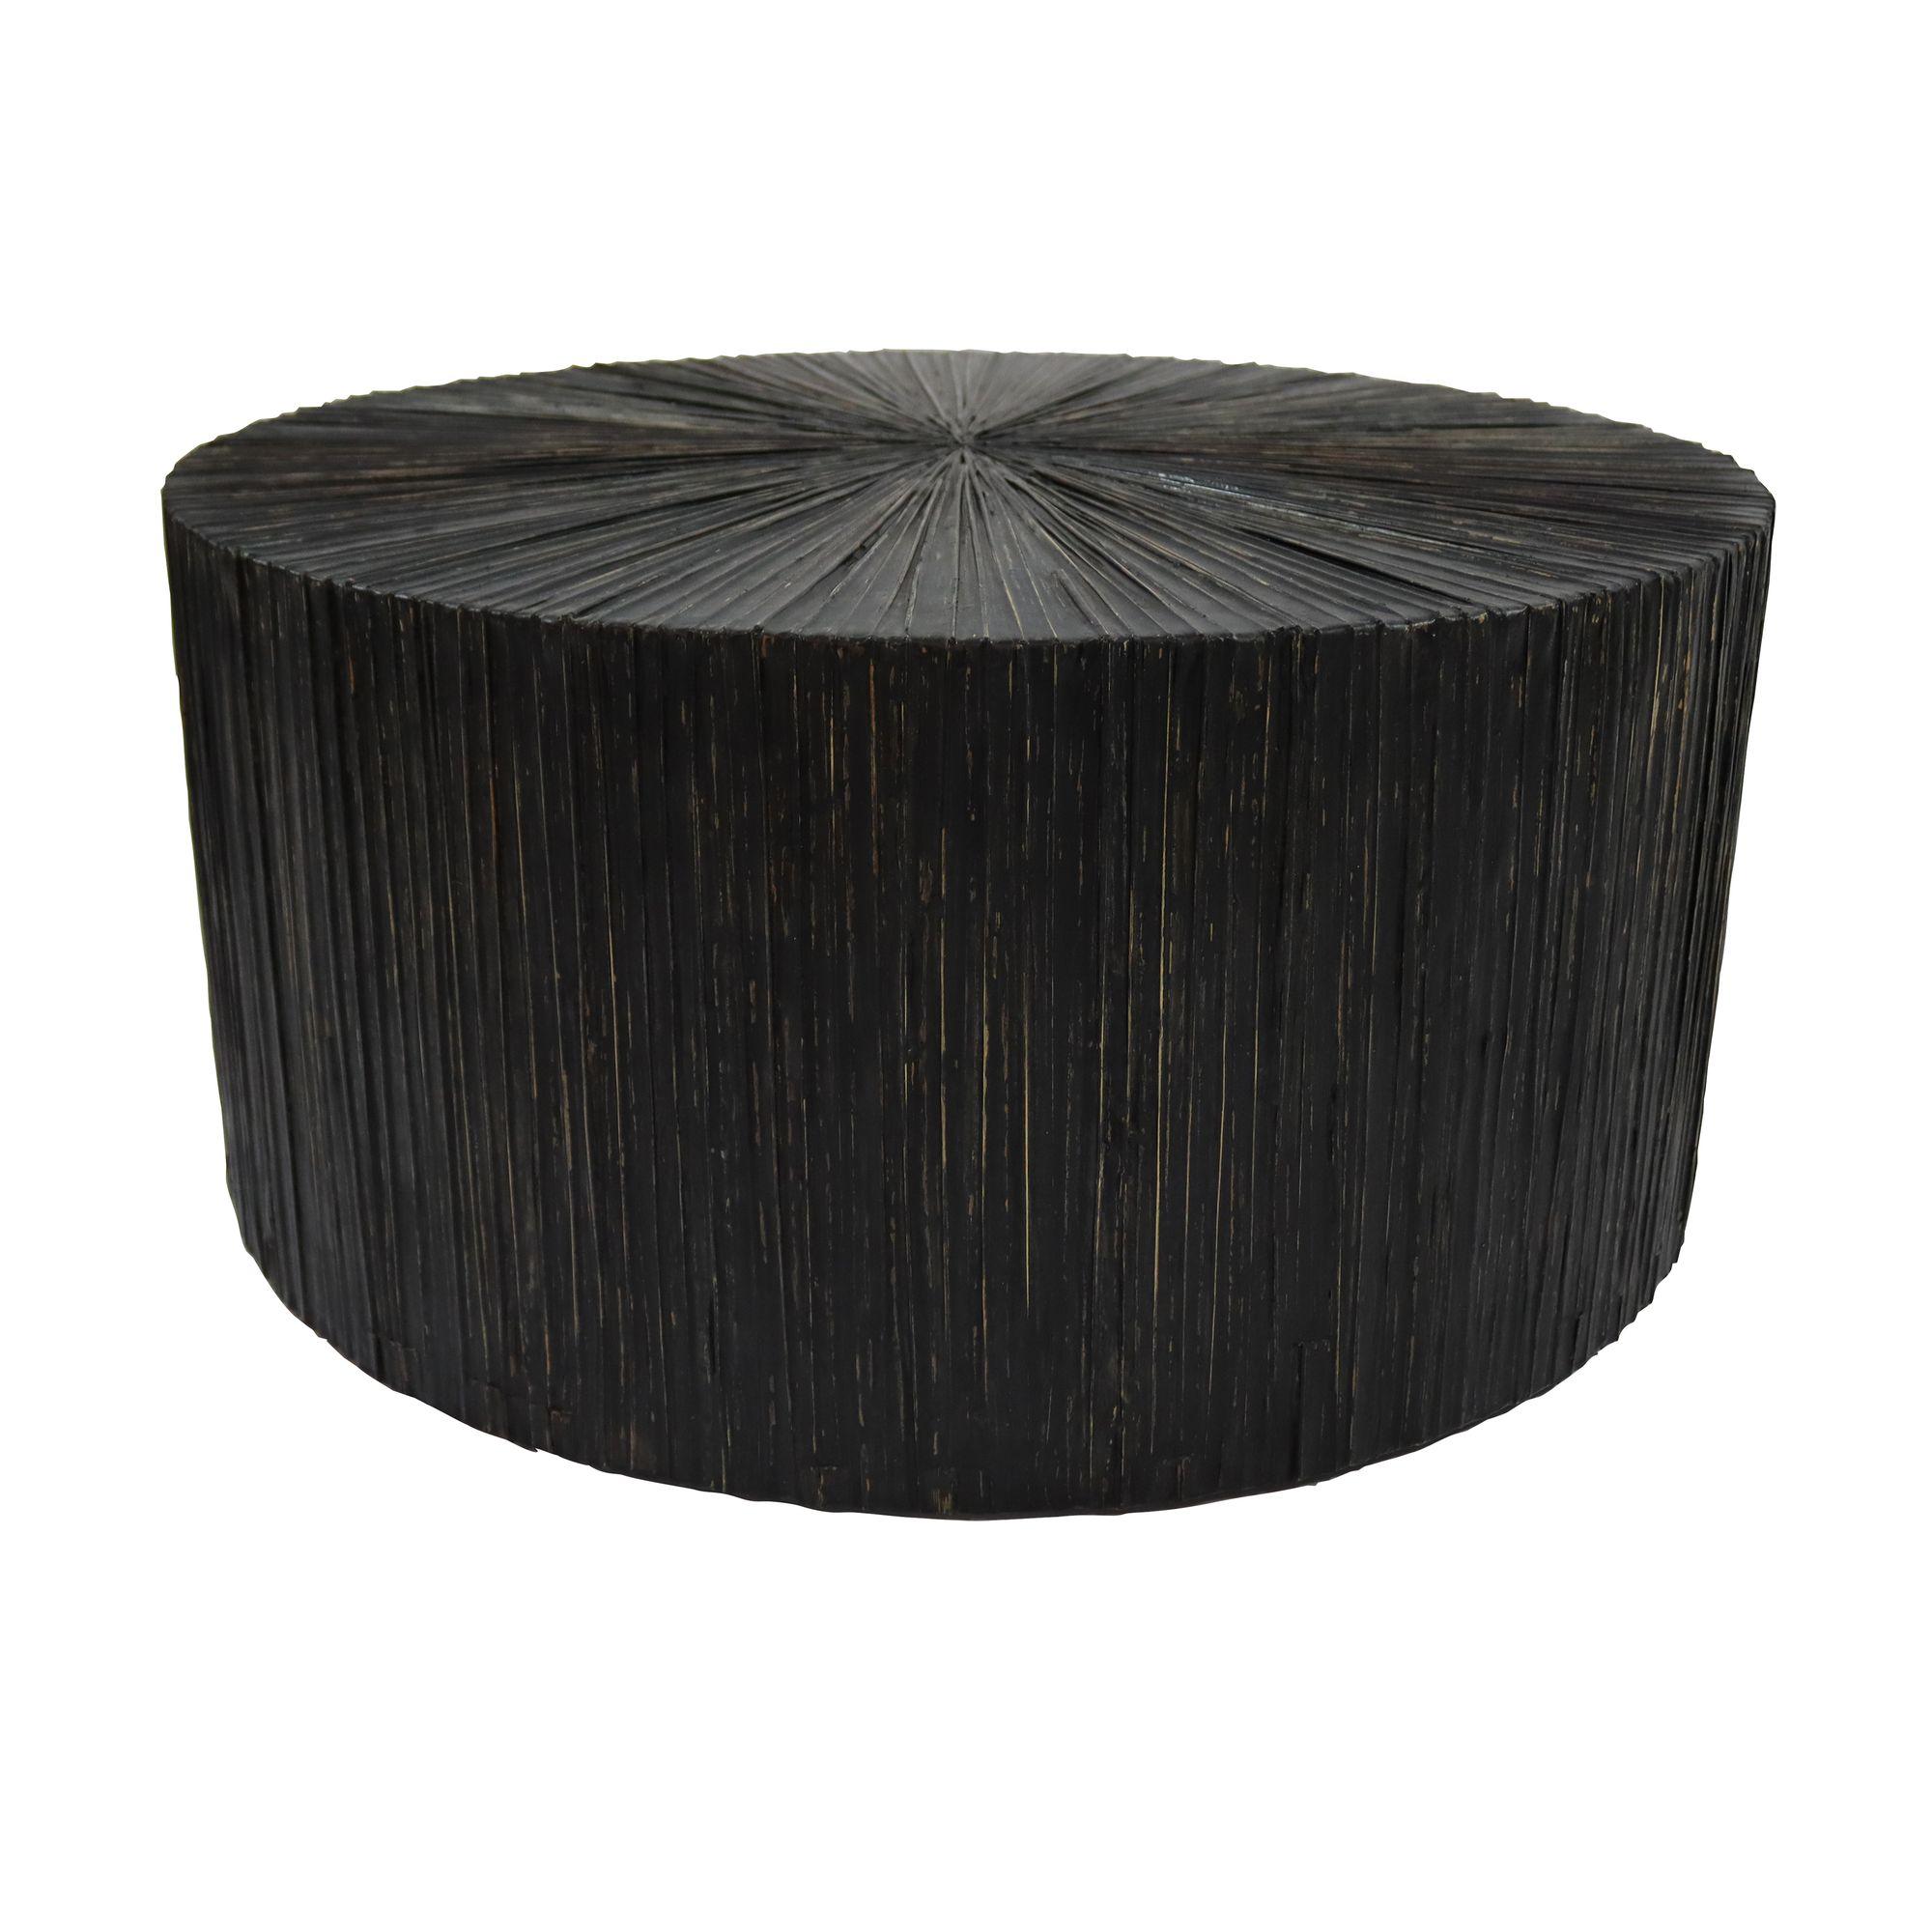 Table basse en bois et feuilles de cocotier